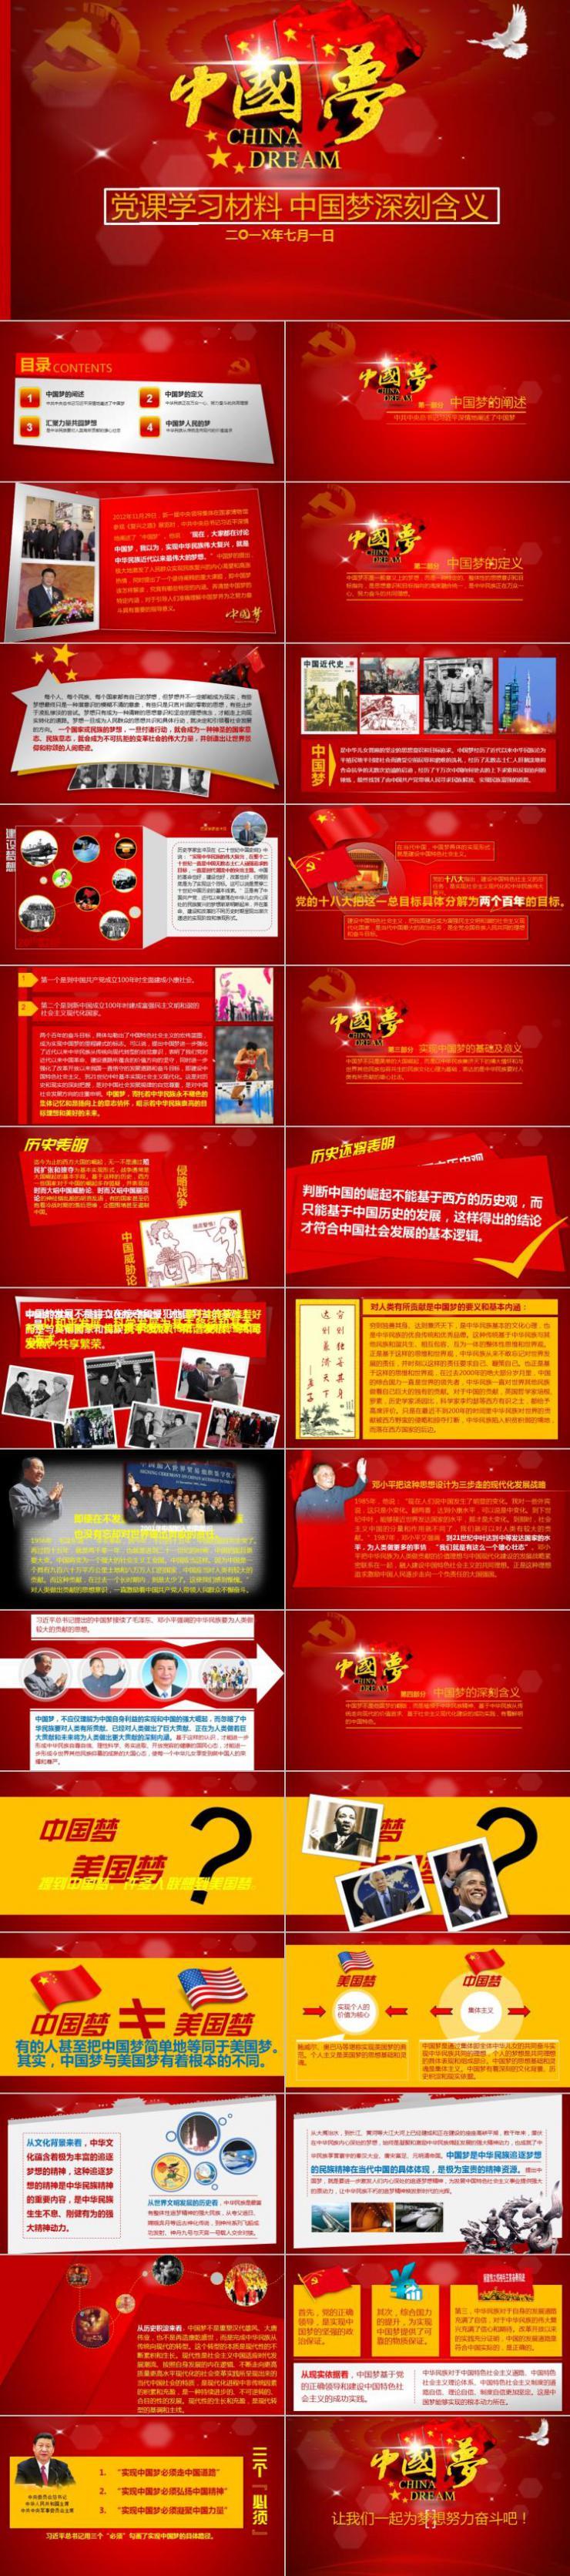 党课学习材料中国梦ppt模板